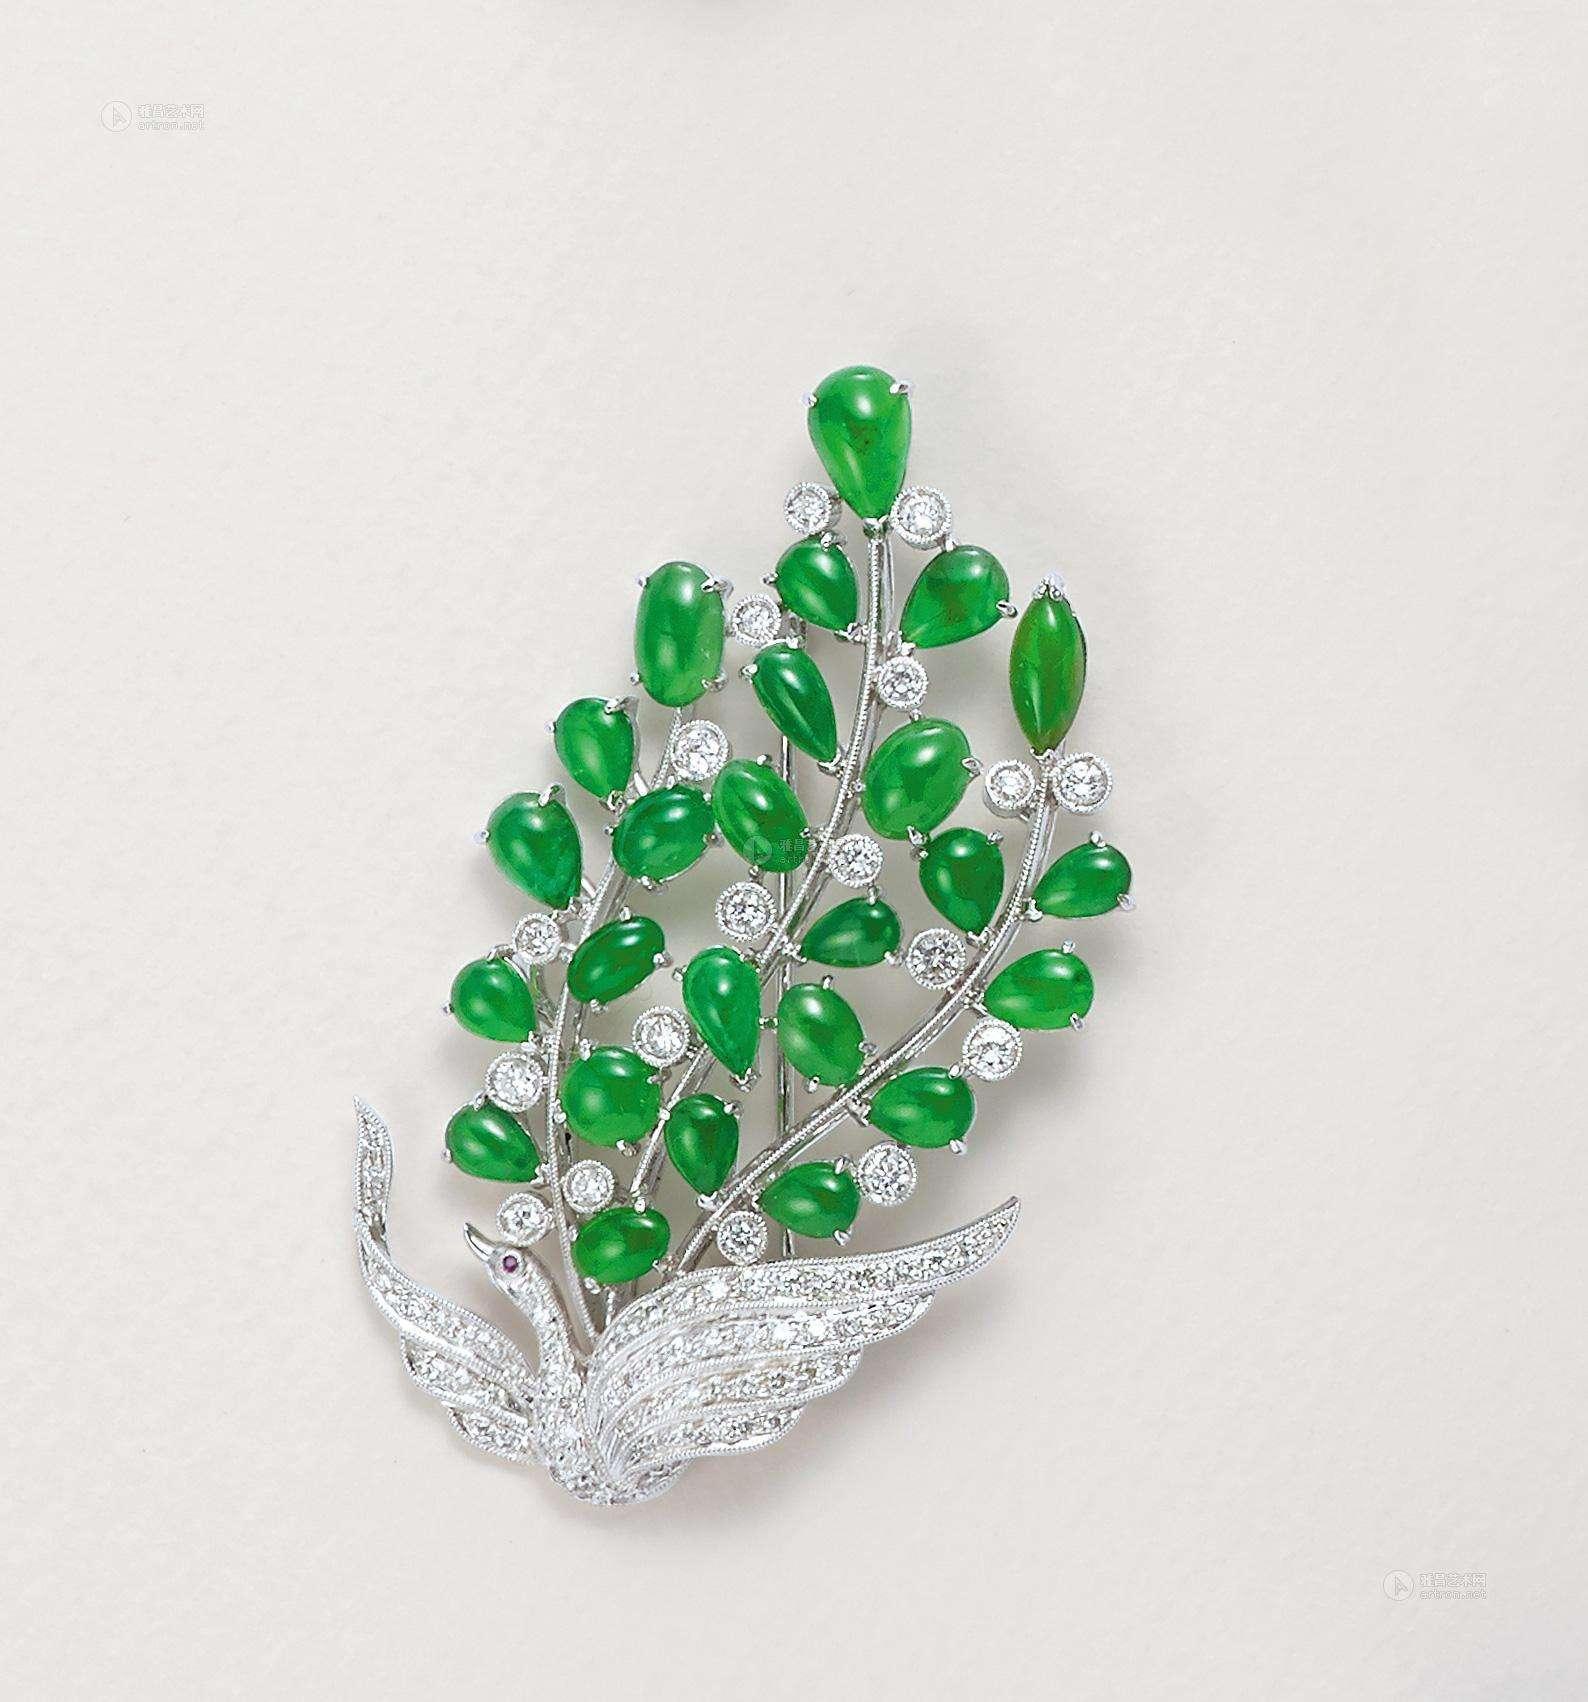 翡翠胸针,翡翠钻石,翡翠与钻石